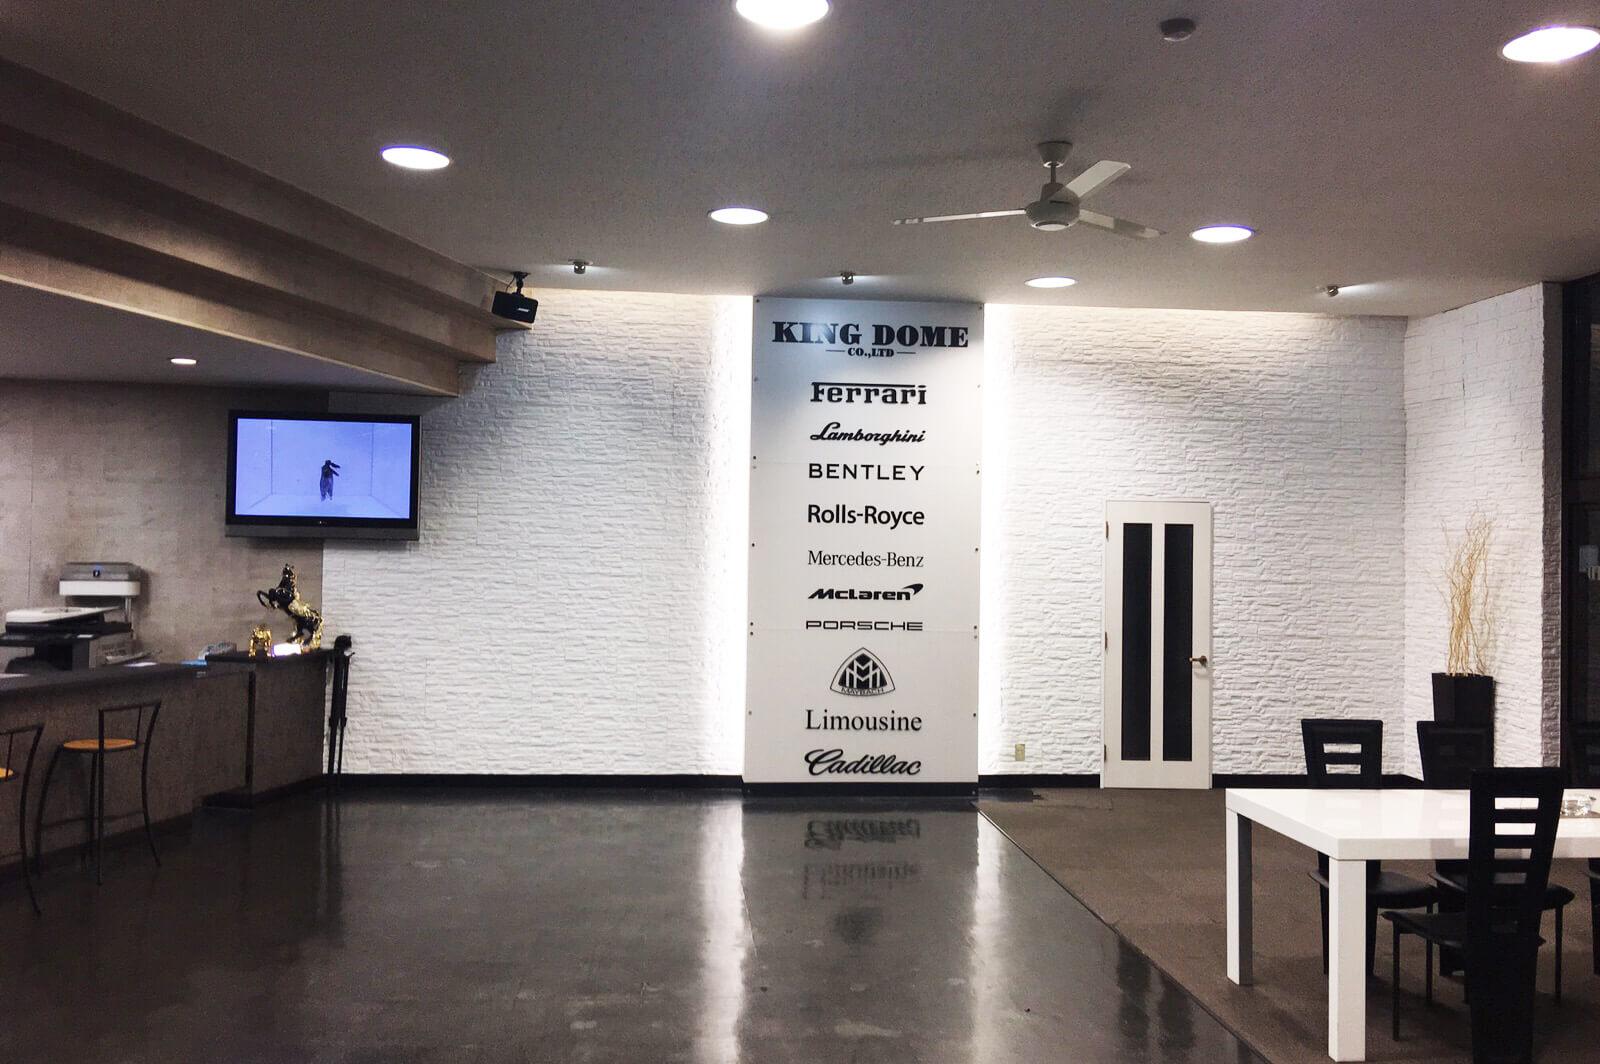 キングドーム2 - 【岐阜県岐阜市】撮影用壁面アクリルカッティングの看板施工を担当させていただきました。